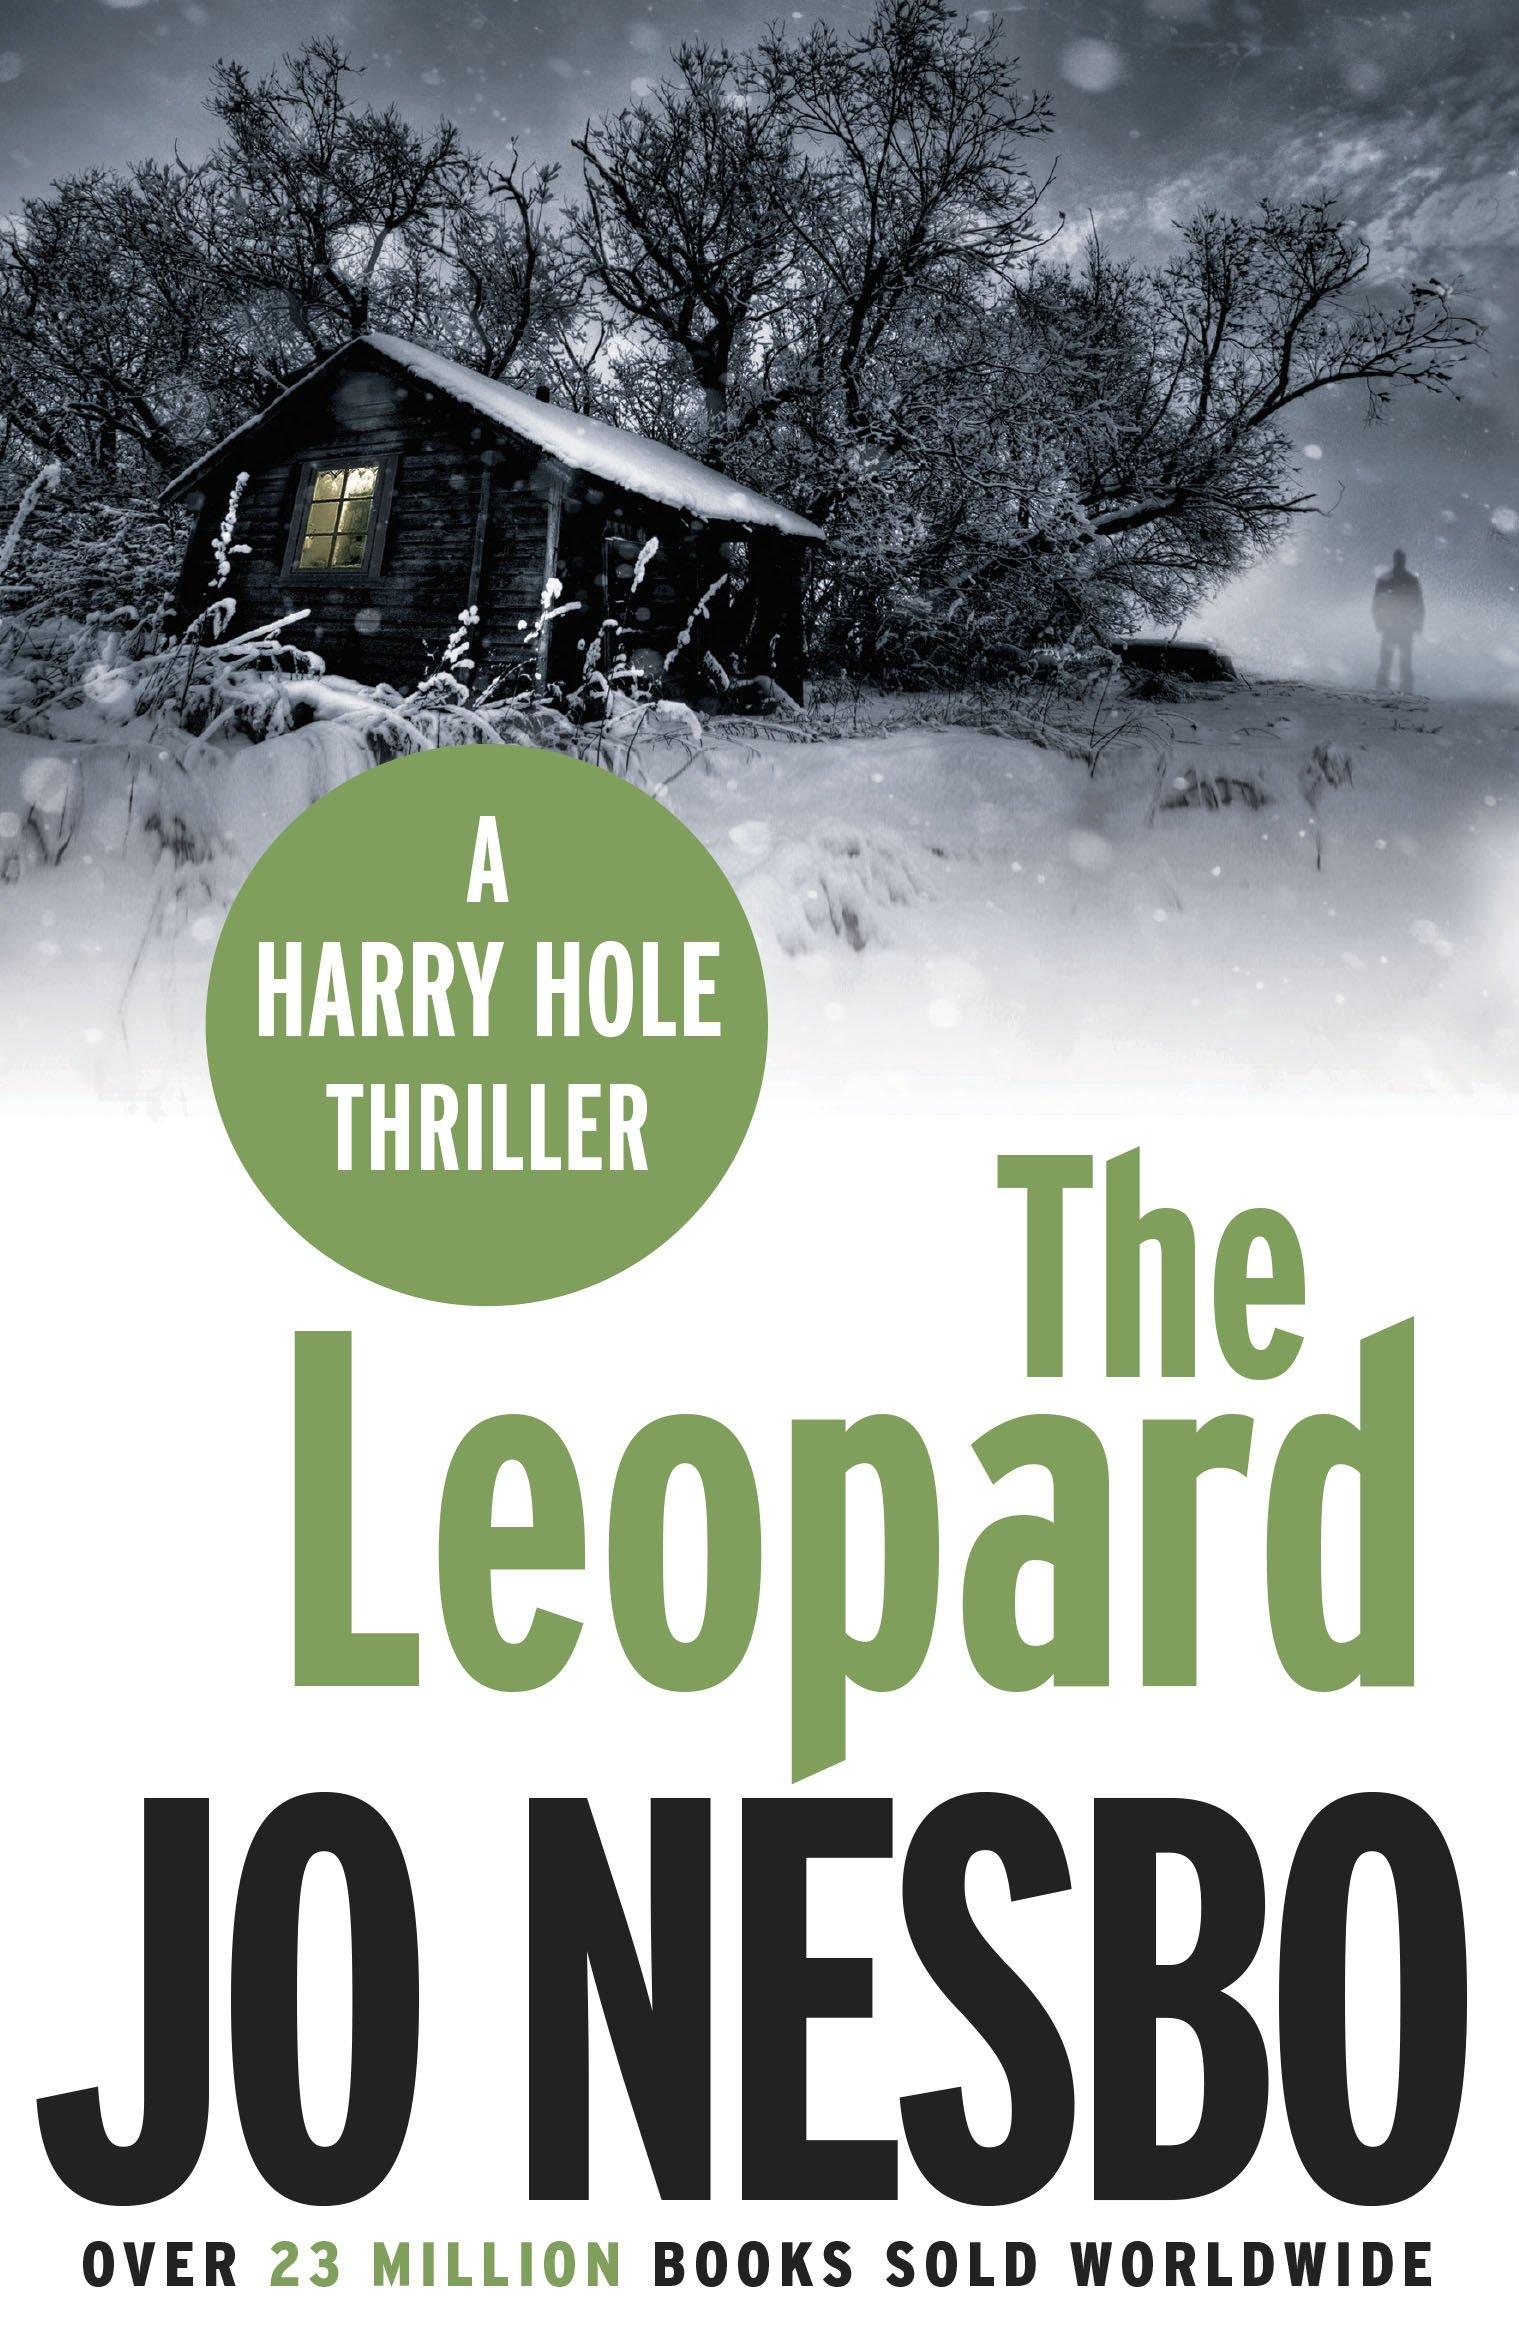 JO NESBO LEOPARD PDF DOWNLOAD